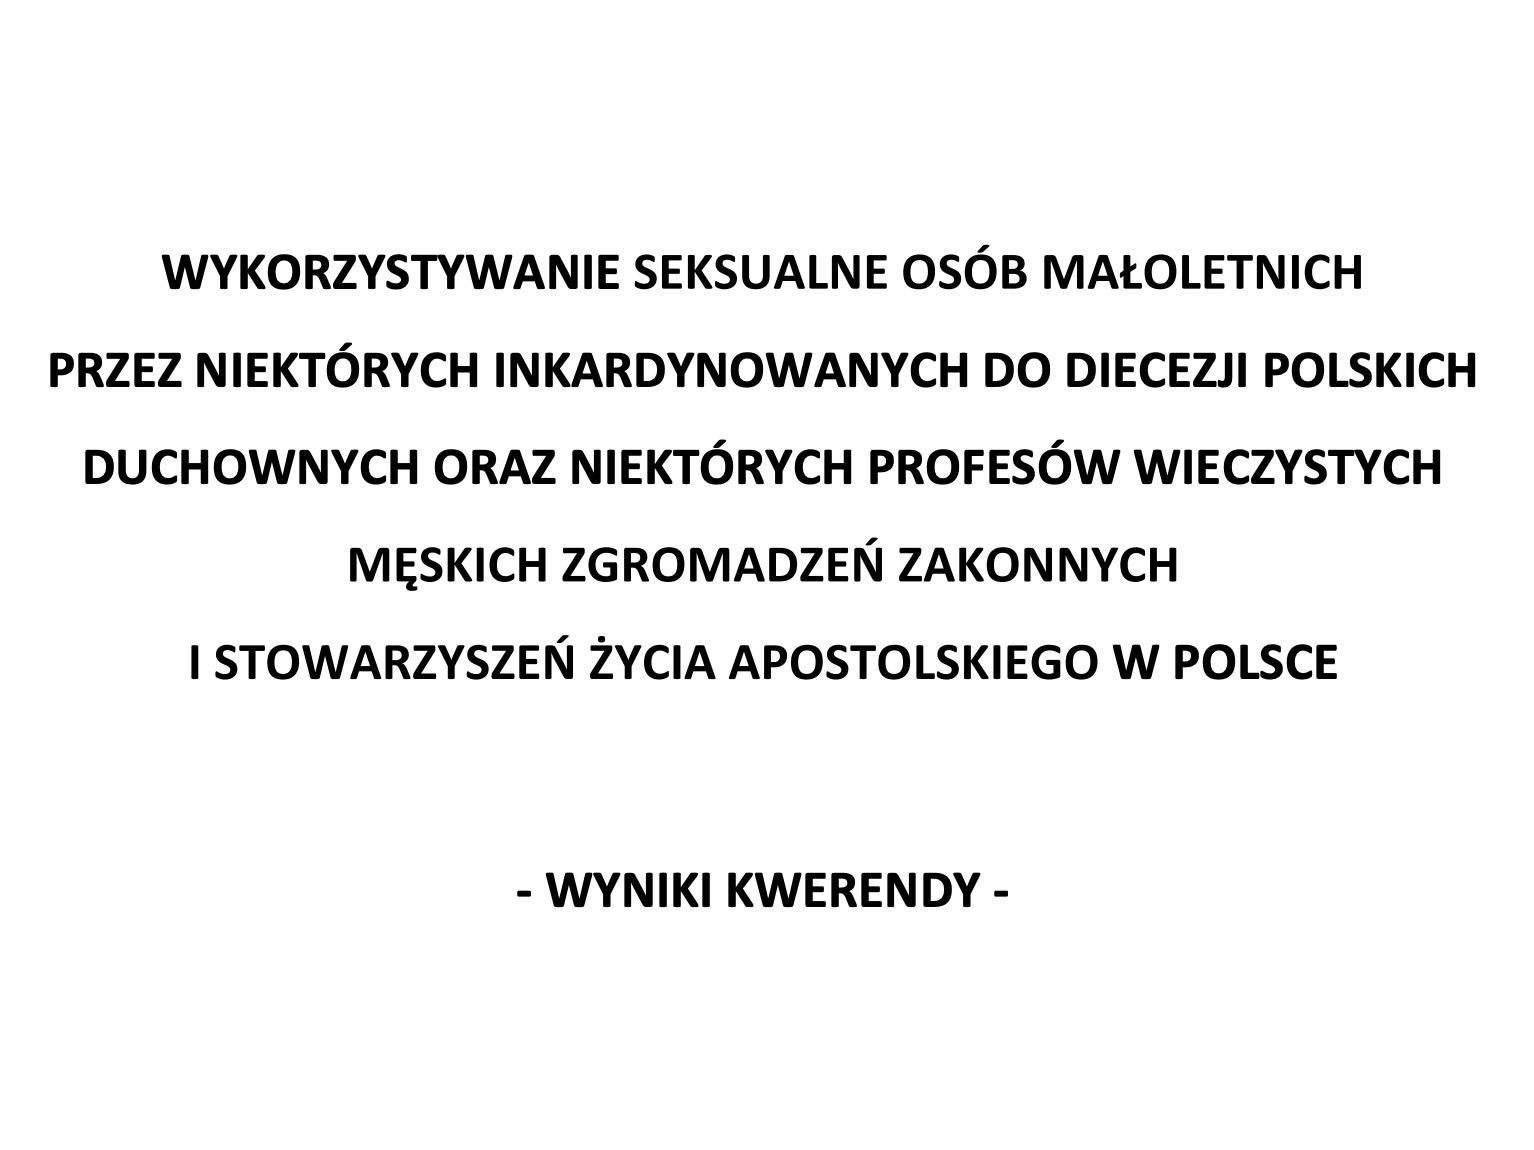 Wyniki kwerendy Konferencji Episkopatu Polski opracowane przez Instytut Statystyki Kościoła Katolickiego na temat wykorzystywania seksualnego nieletnich w Kościele w Polsce